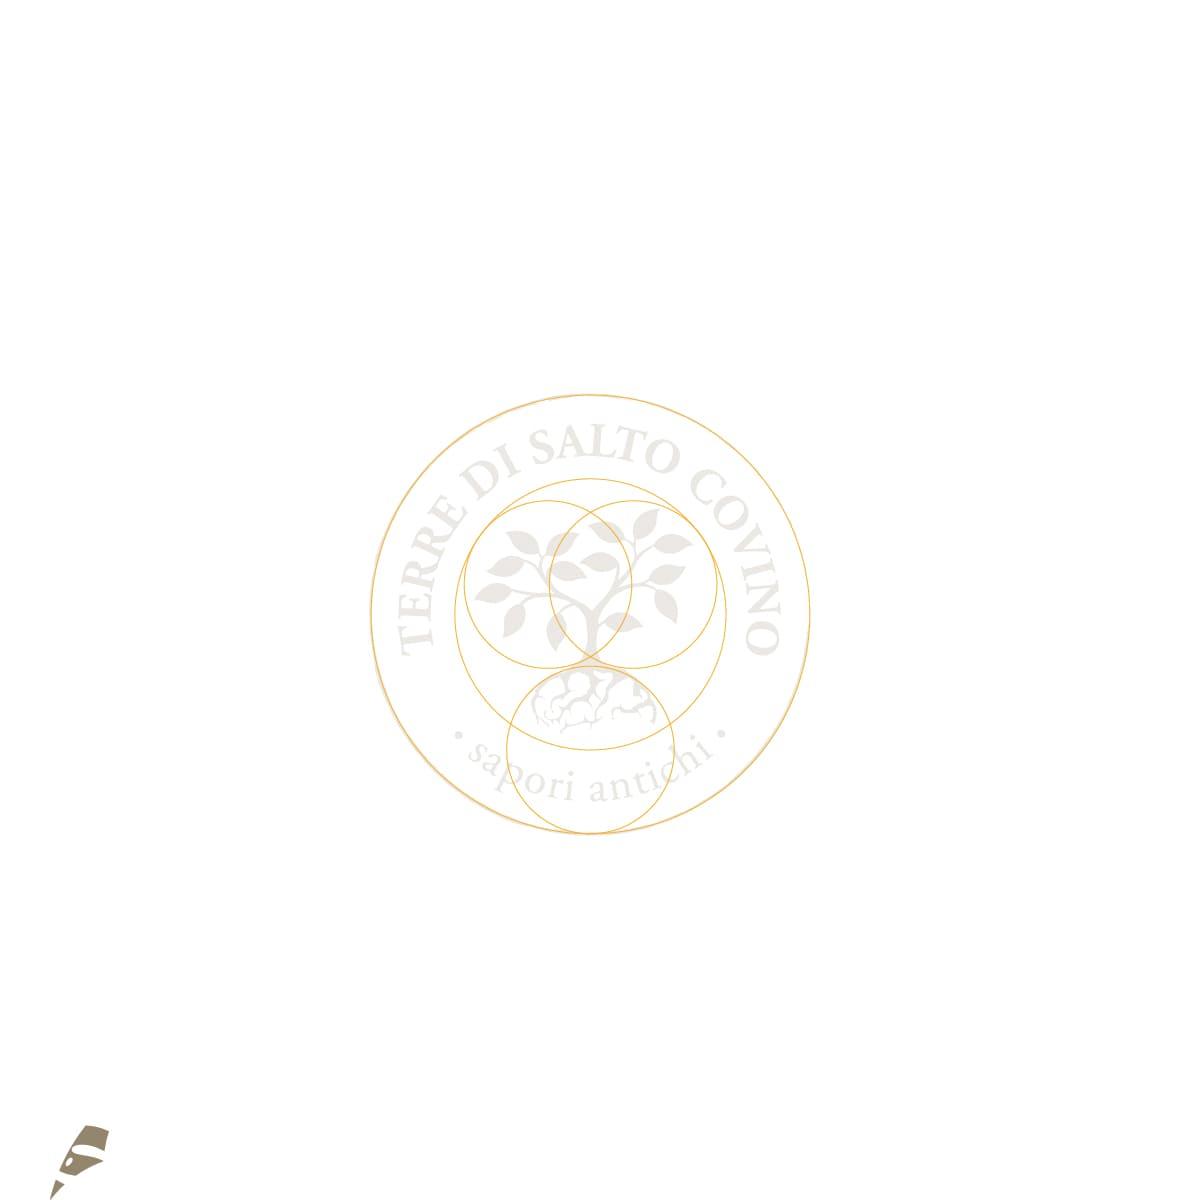 Terra di Salto Covino creazione logo - stilographico